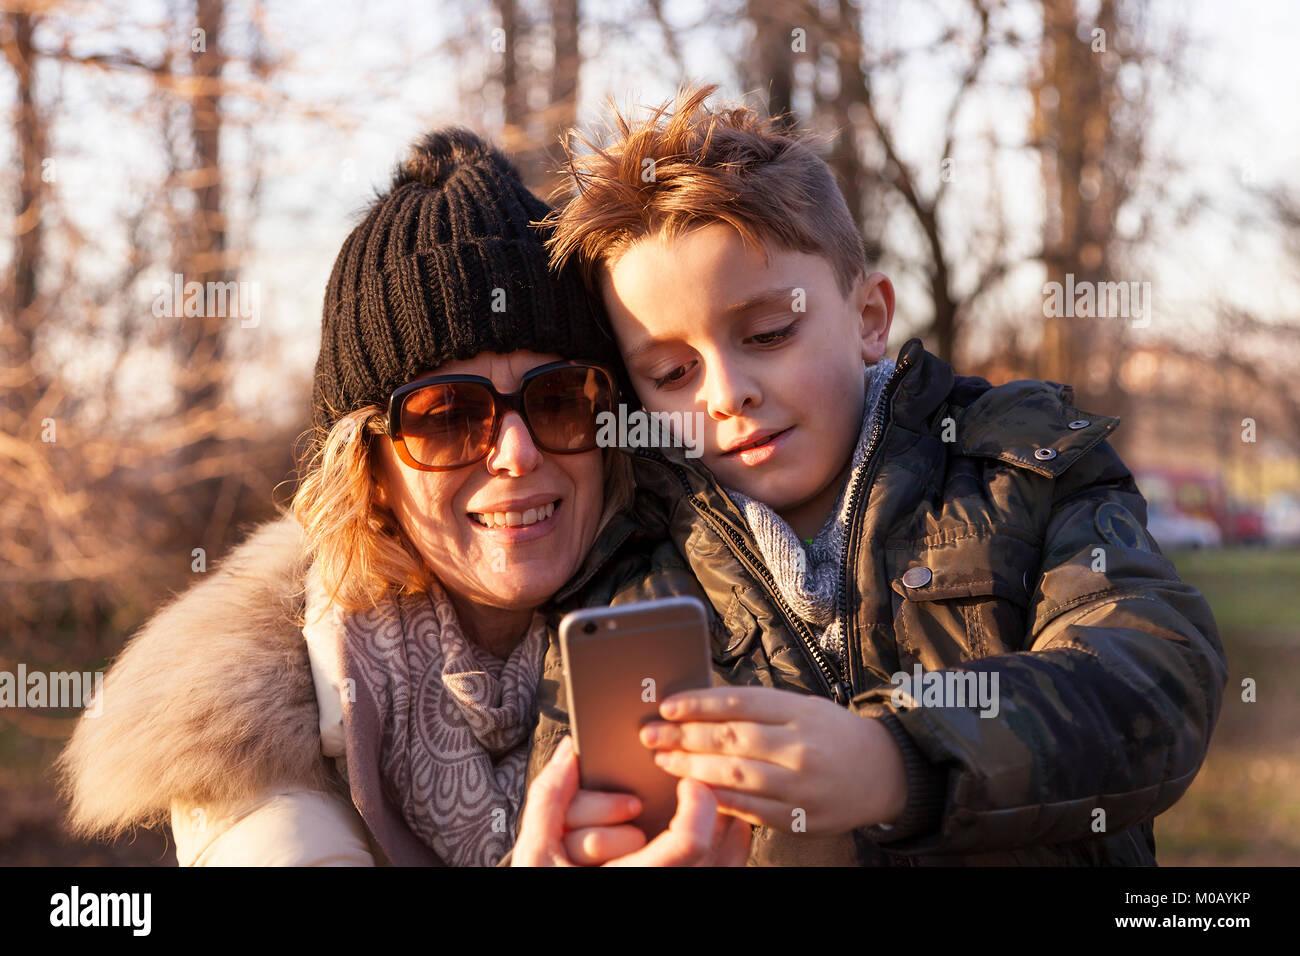 La mère et le fils prend un dans un parc public selfies en hiver. concept de personnes s'amusant Photo Stock